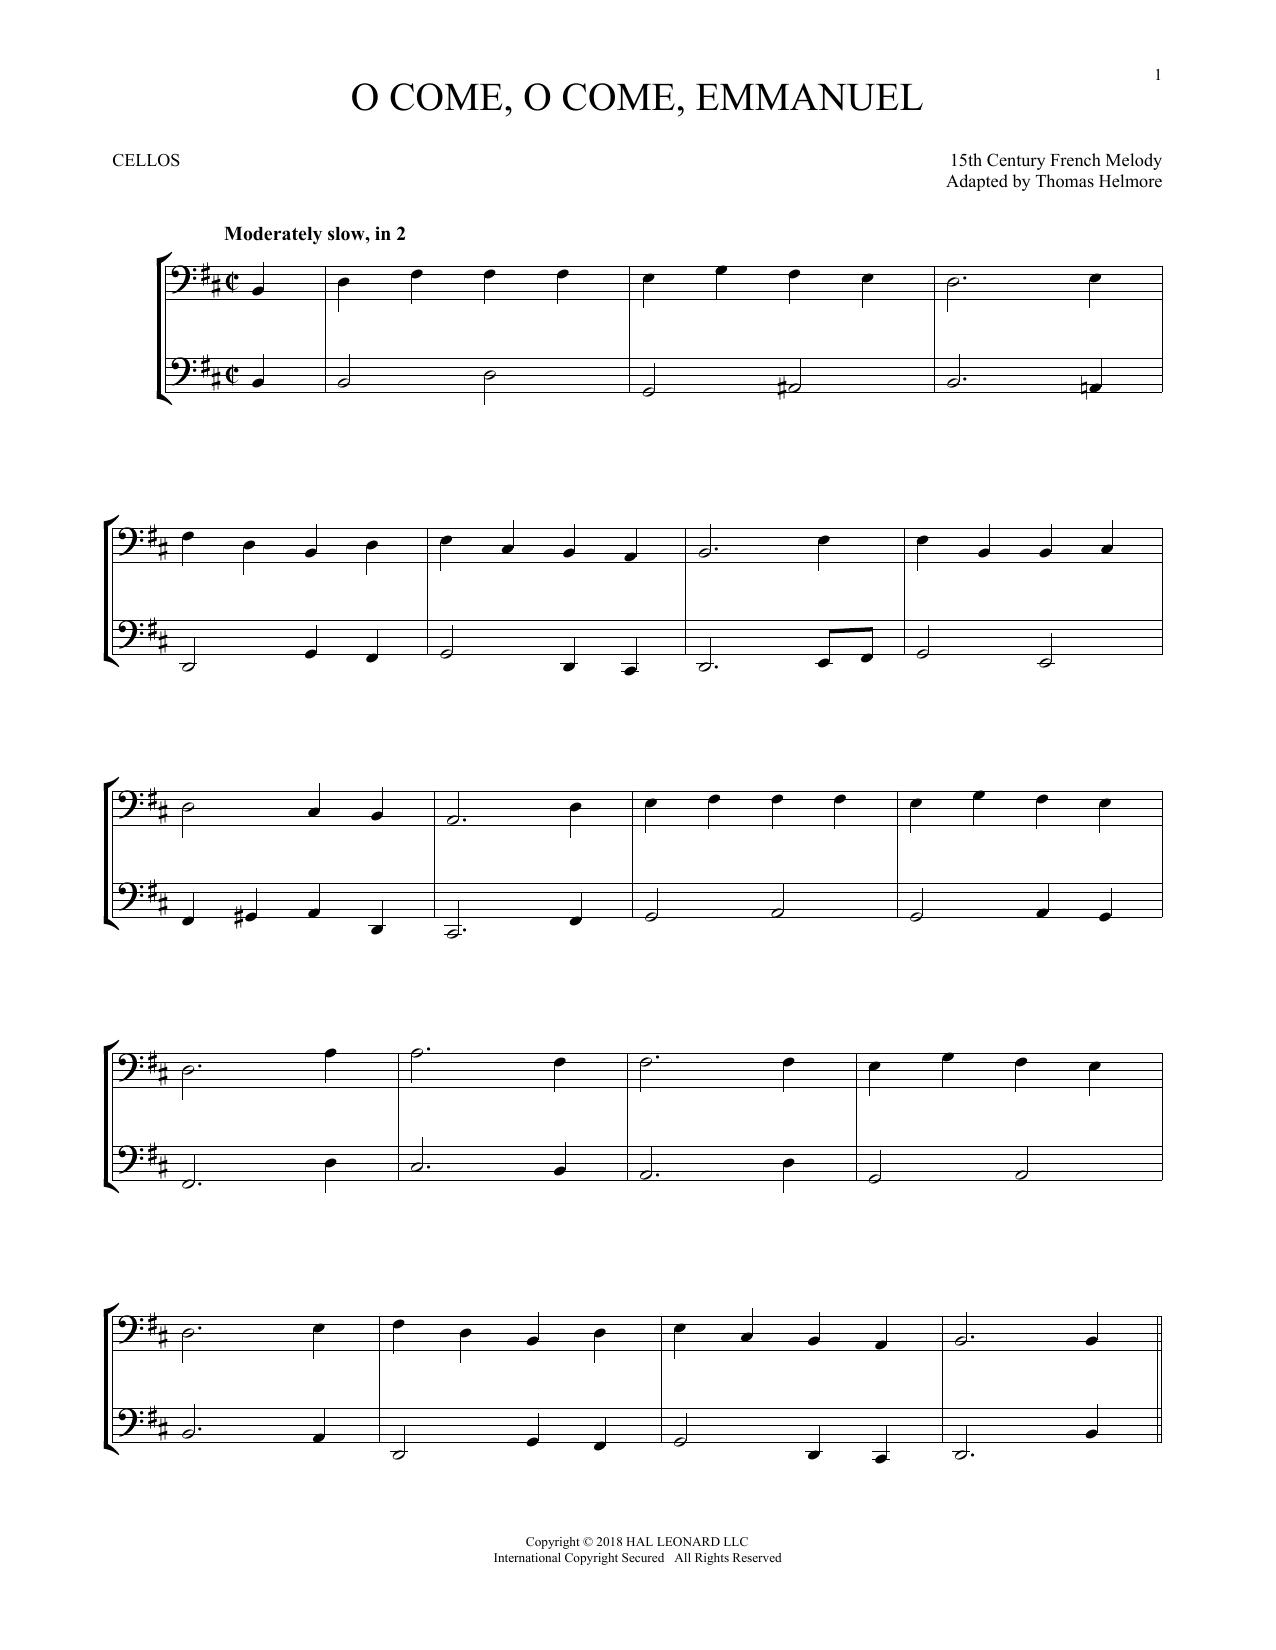 O Come, O Come, Emmanuel (Cello Duet)